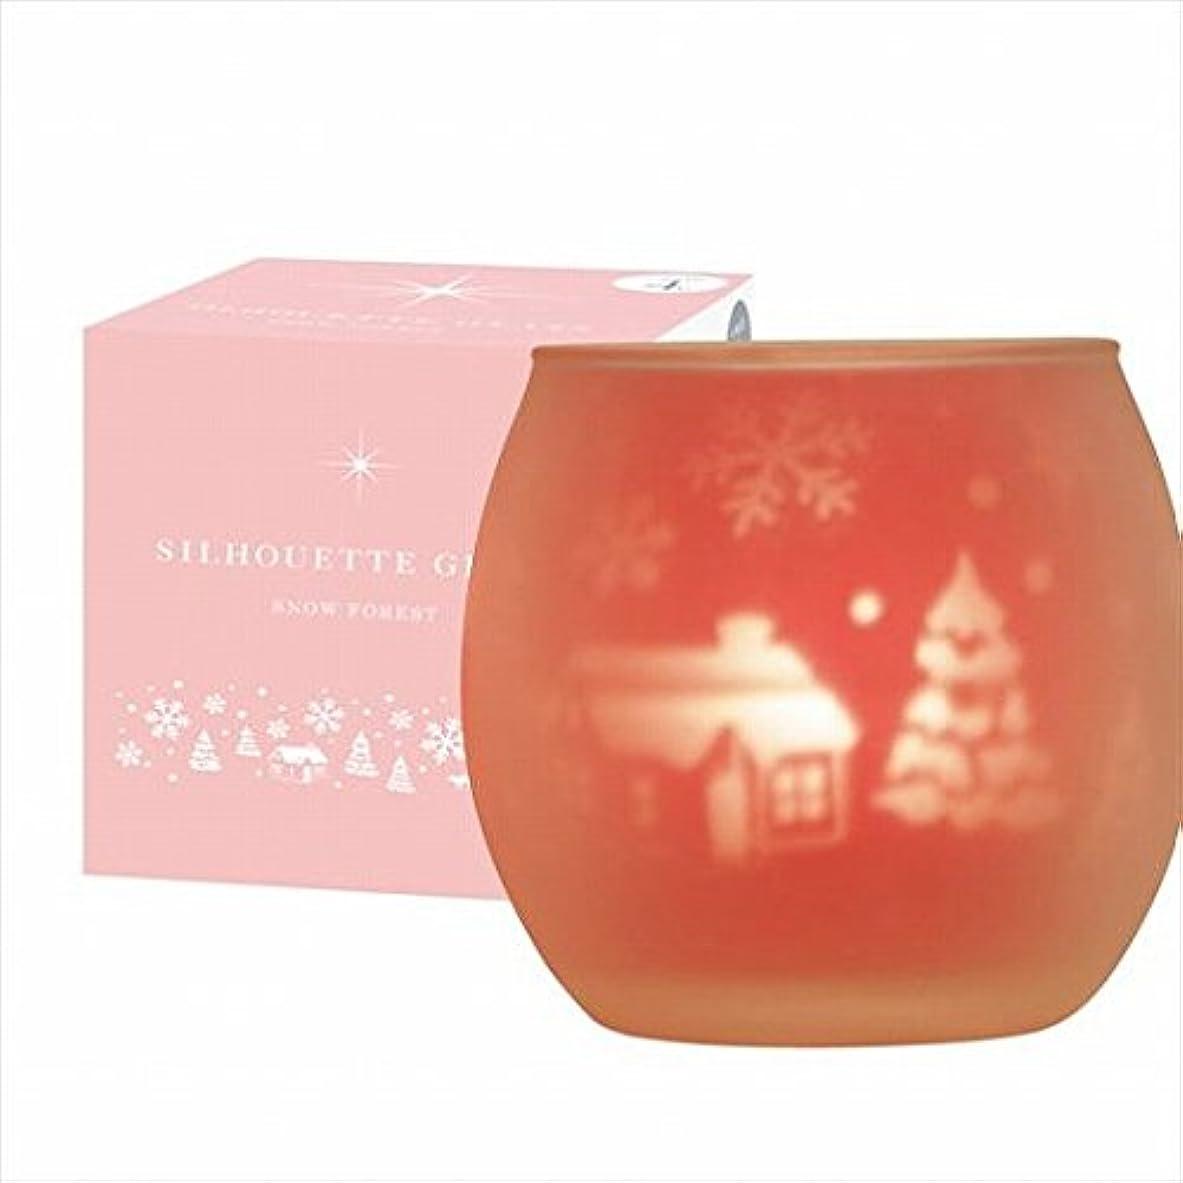 エスニック鋸歯状砂カメヤマキャンドル(kameyama candle) スノーフォレストシルエットグラス【キャンドル4個付き】